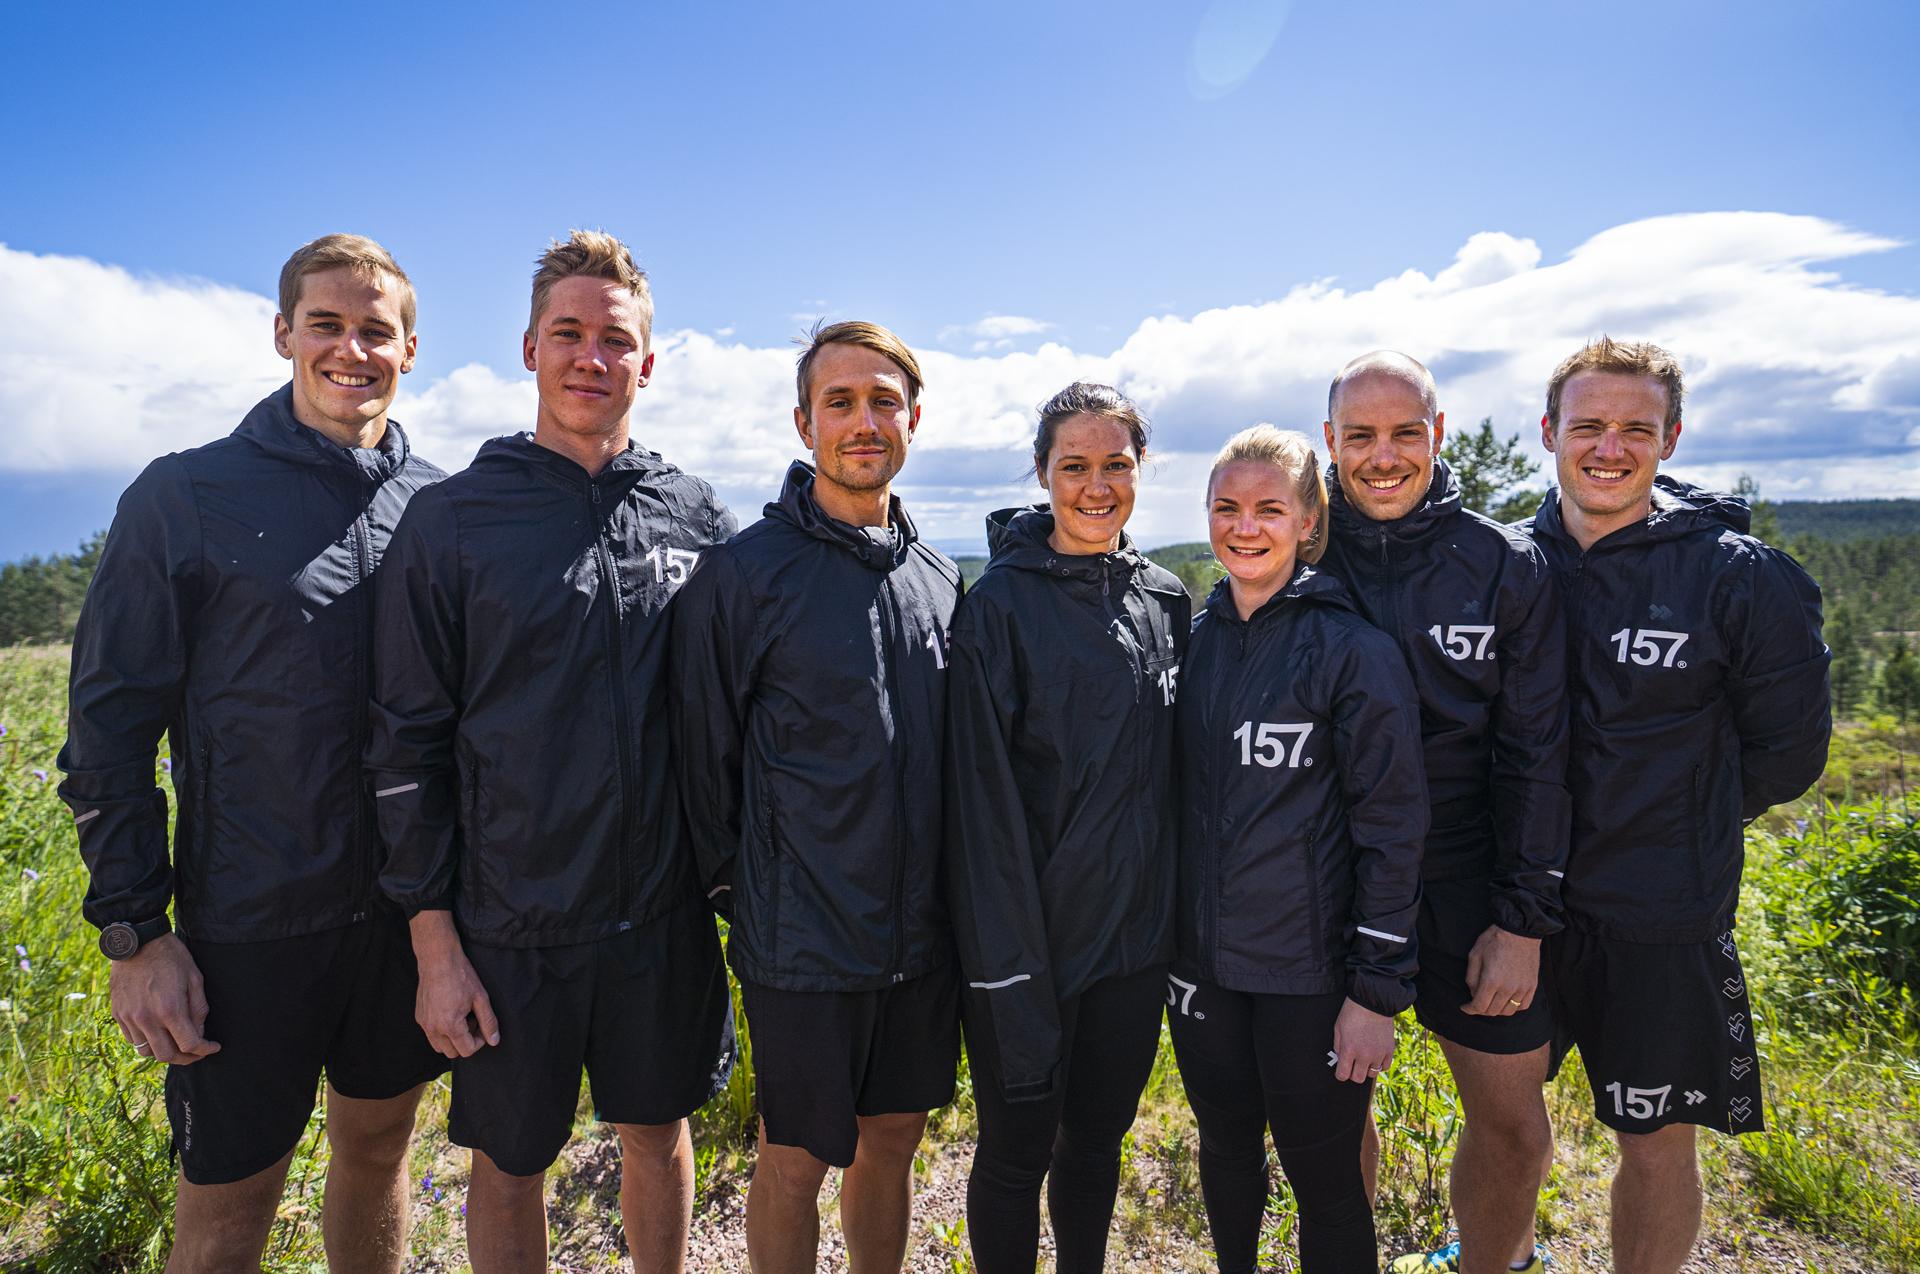 Lager 157 Ski Team